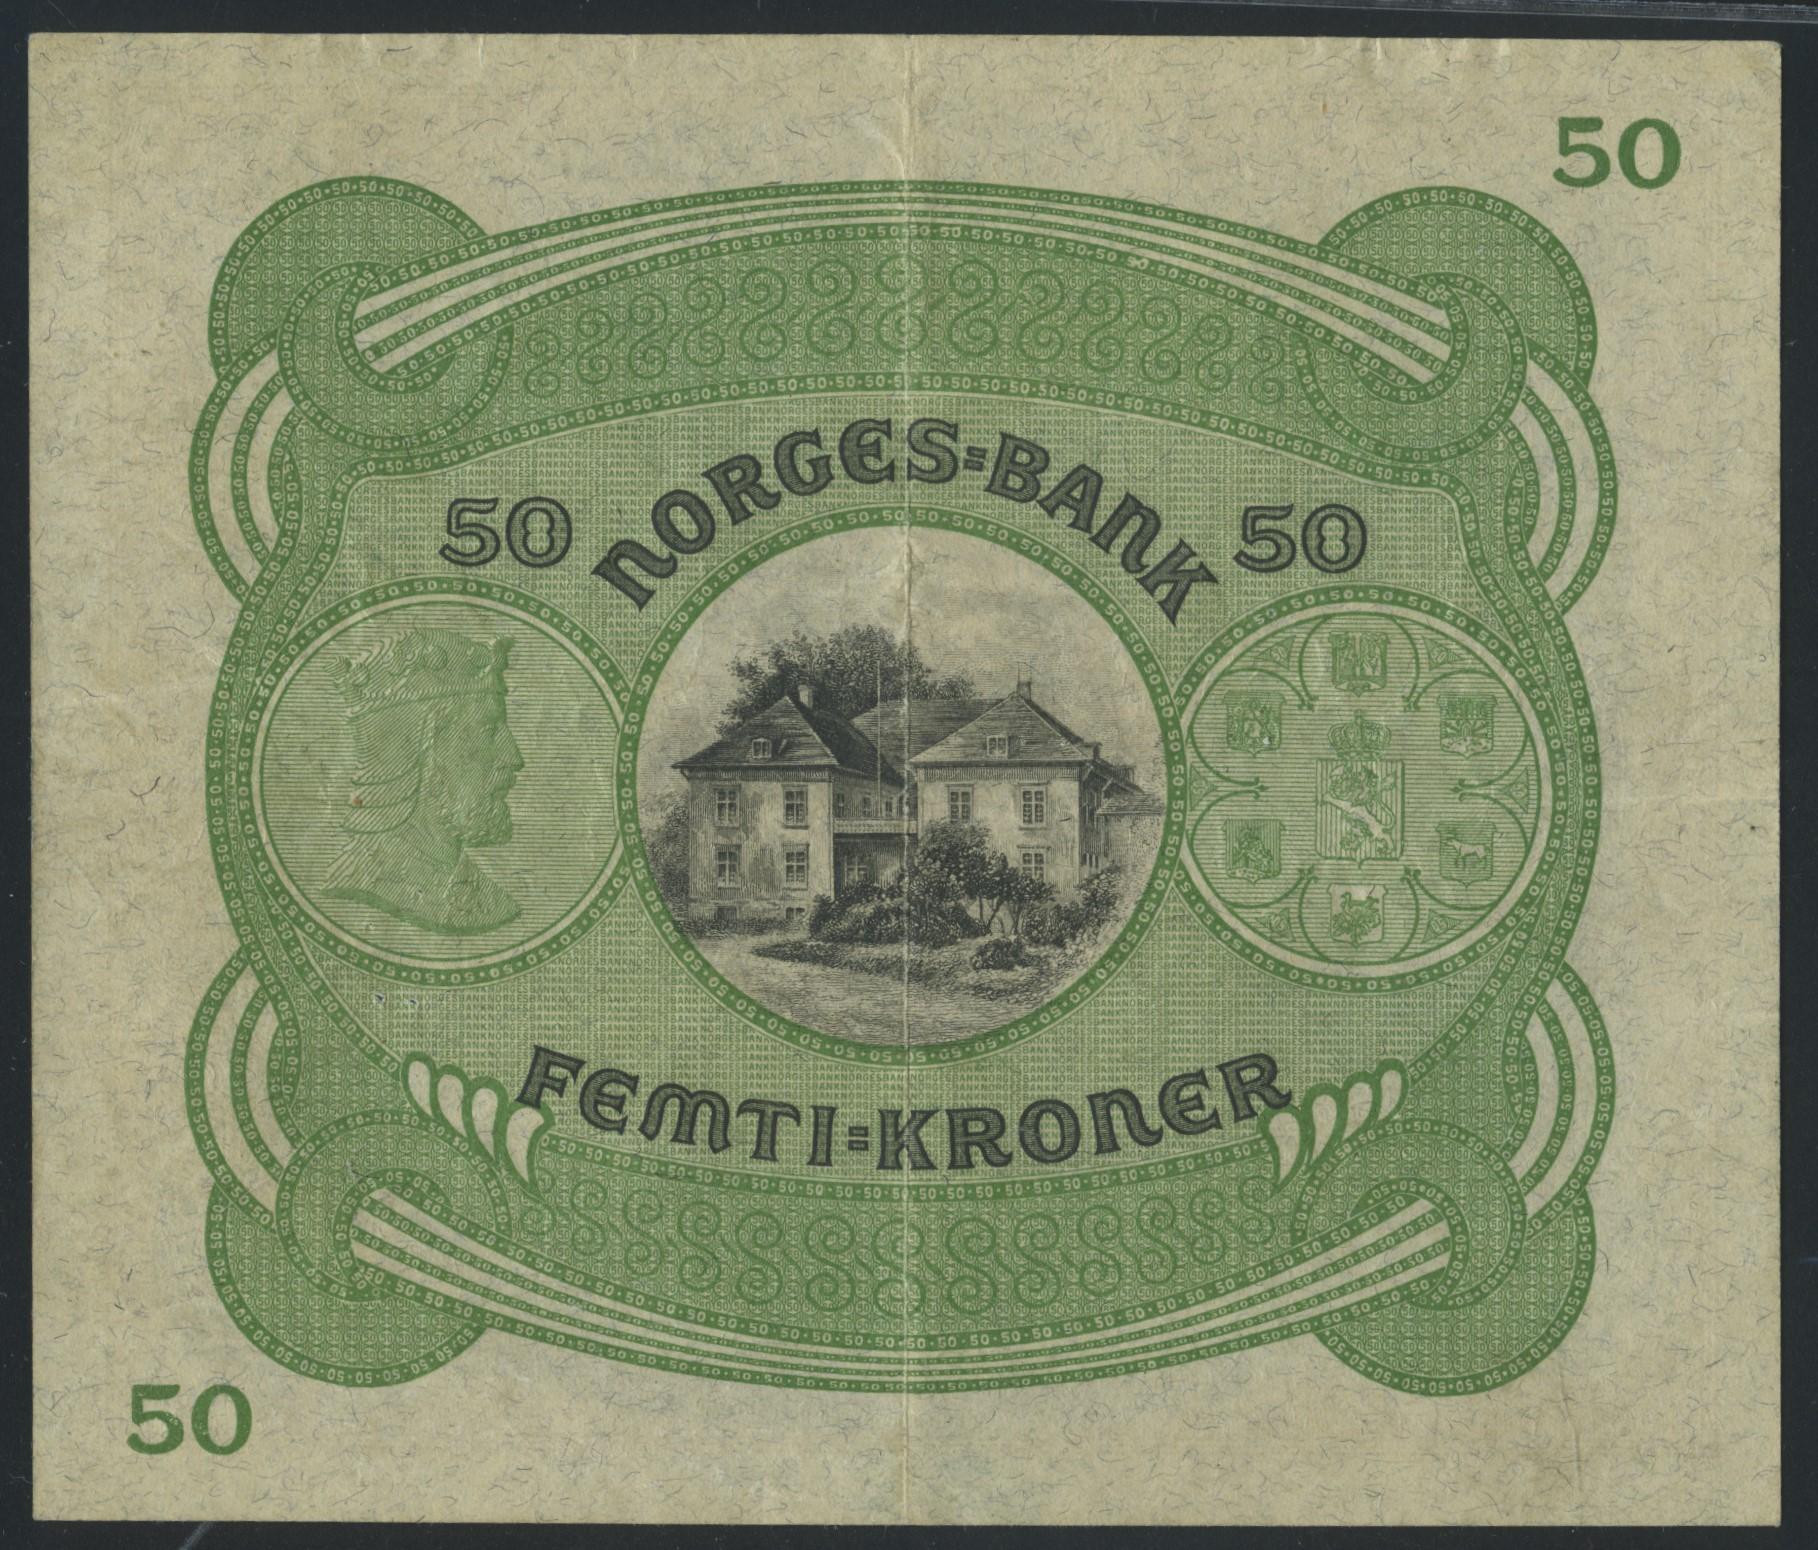 Lot 490 - 50-kr  -  Skanfil Auksjoner AS  Public auction 211